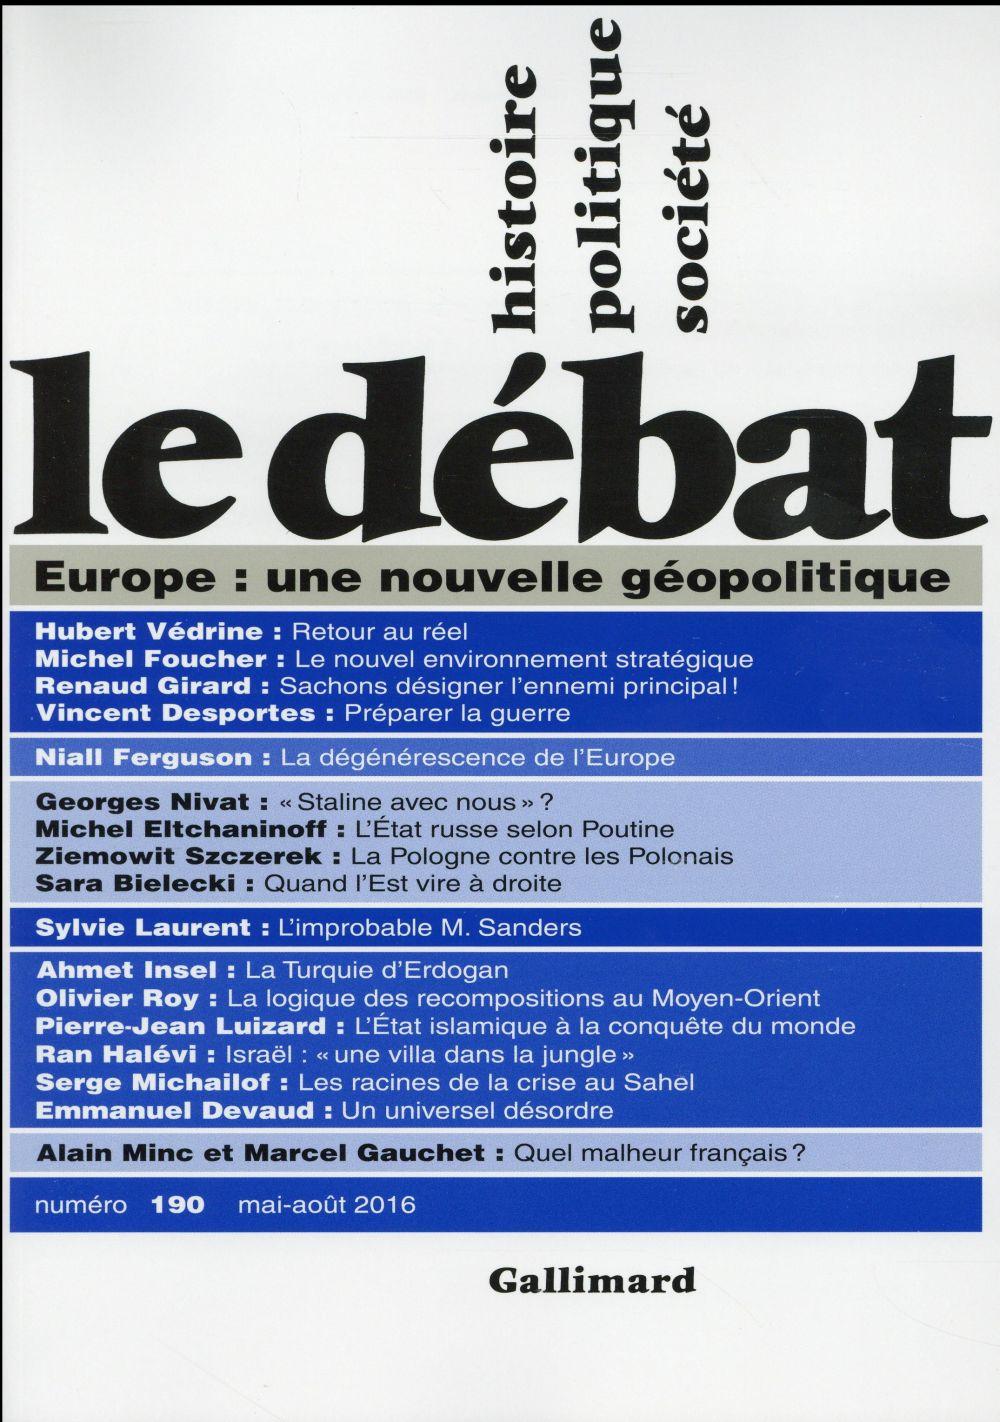 Revue le debat ; europe : une nouvelle geopolitique